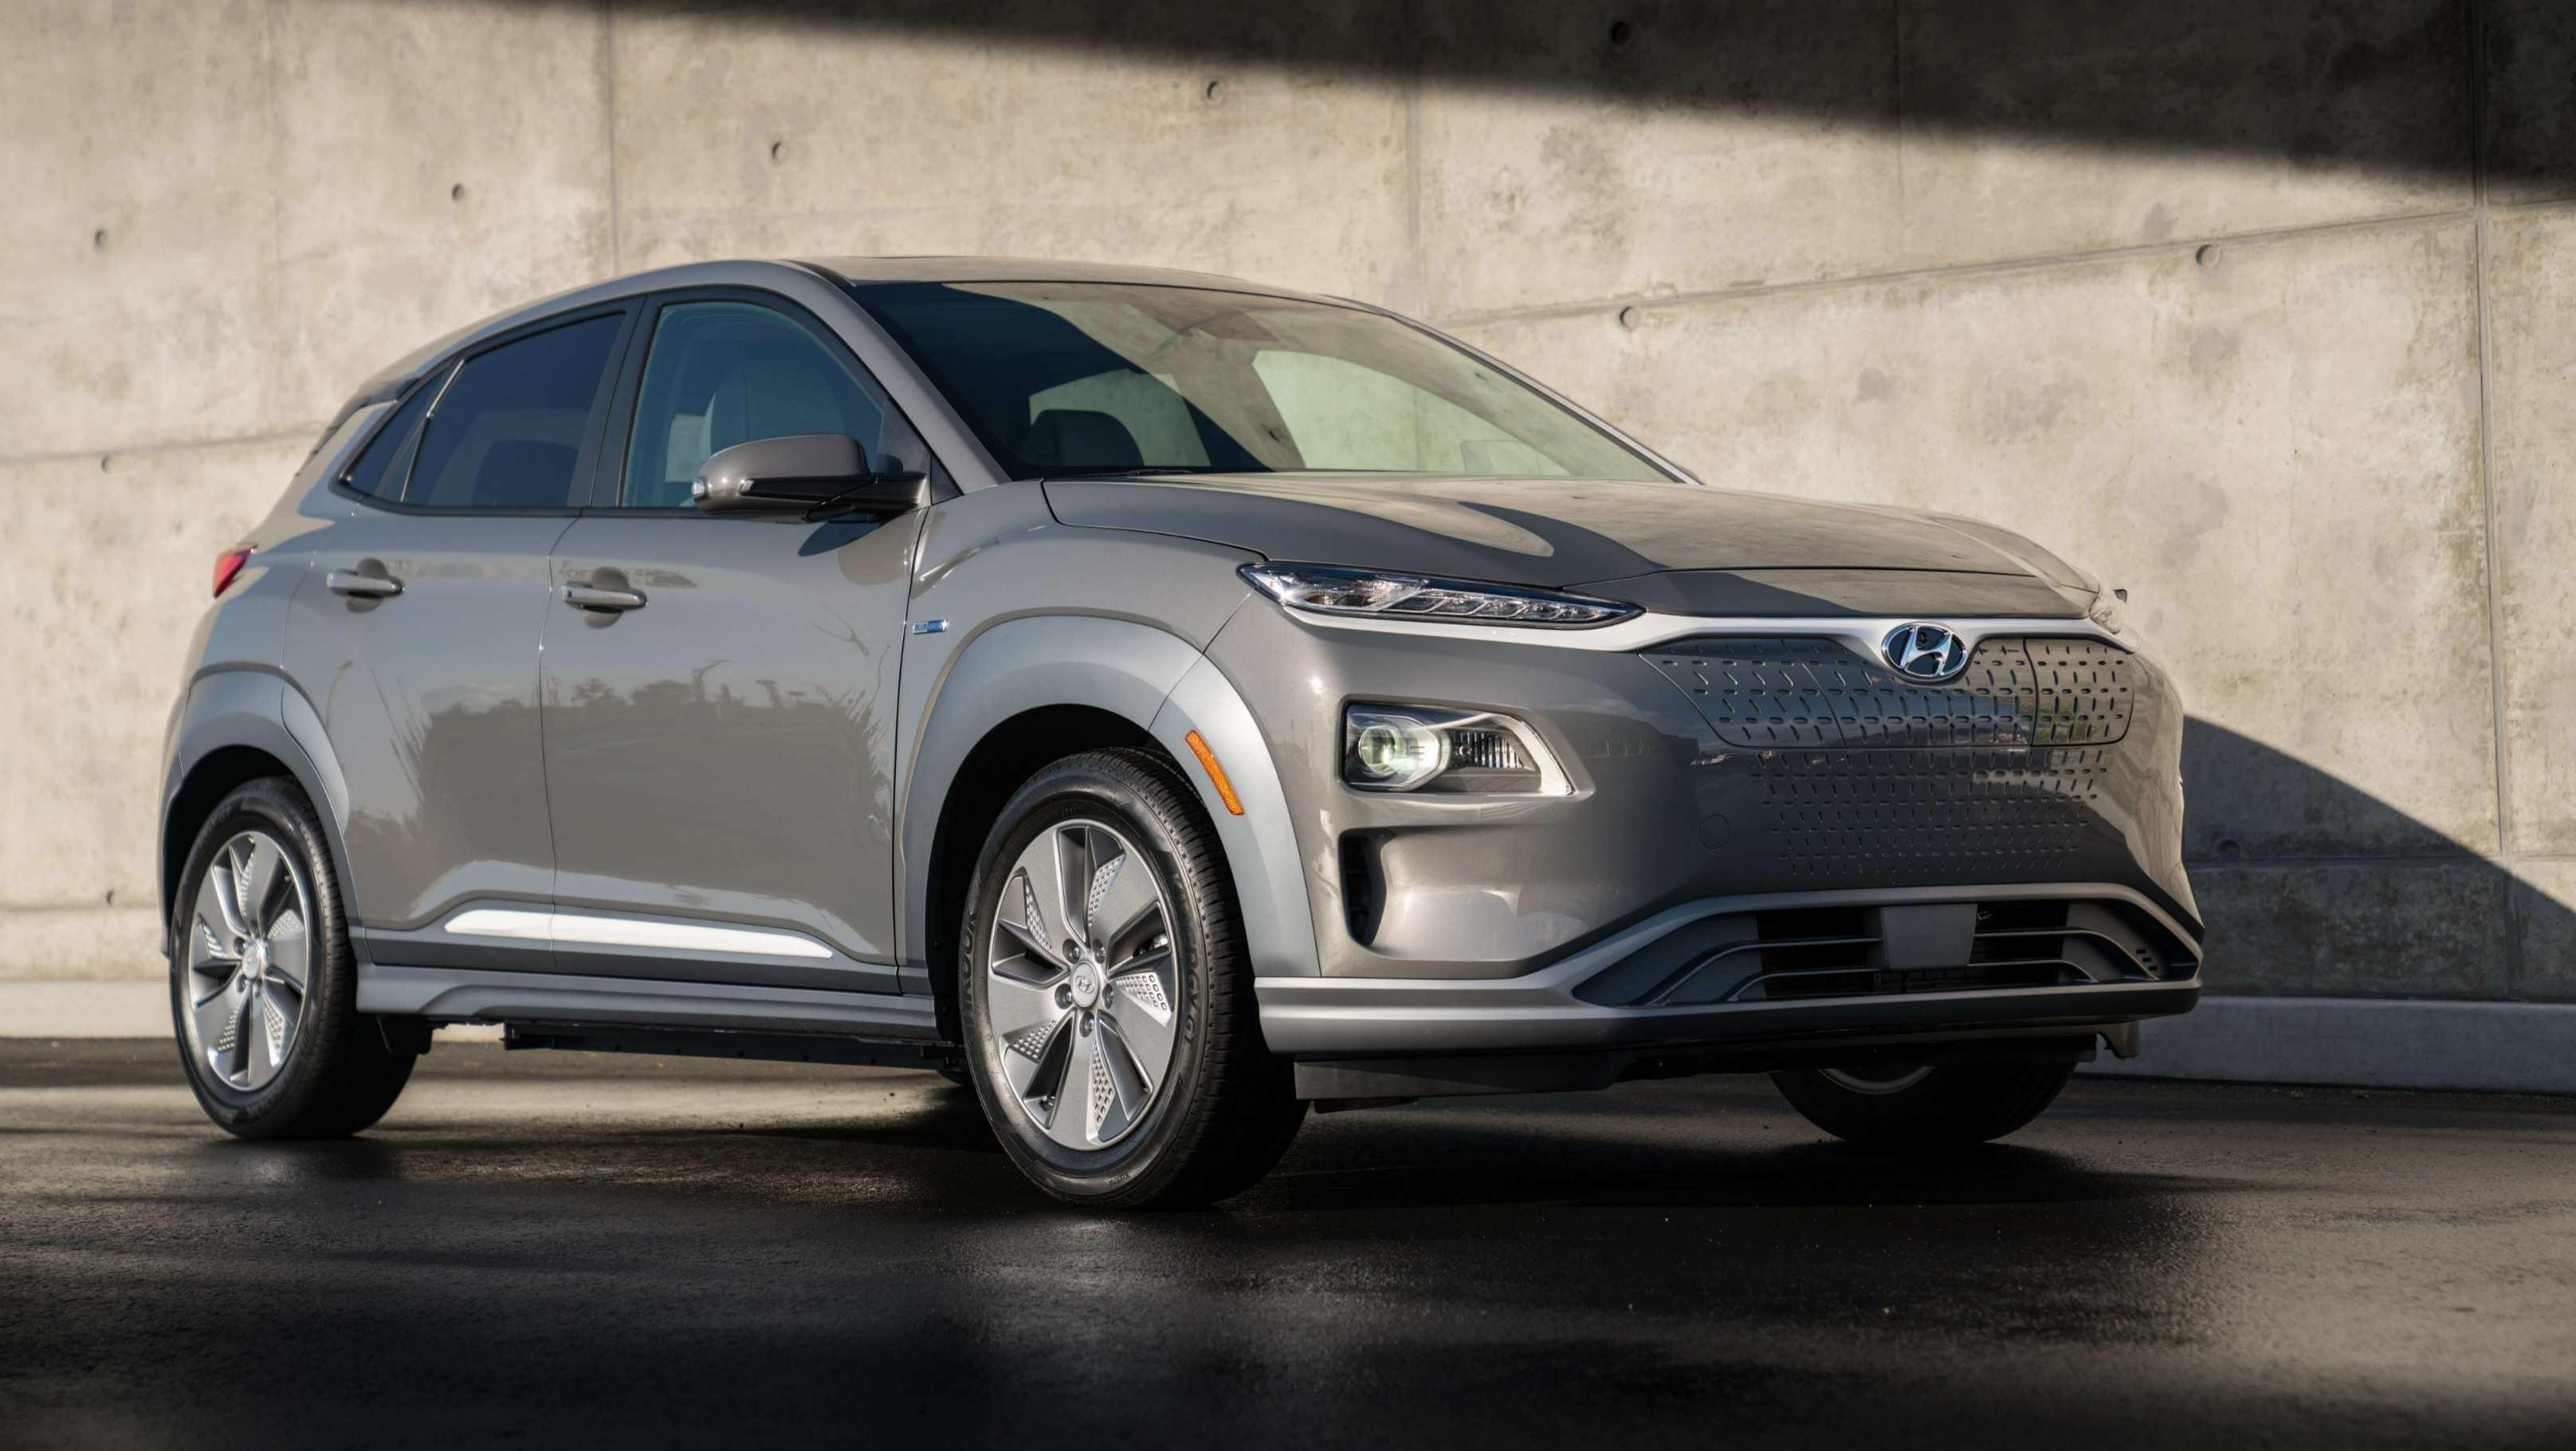 84 Best Review Hyundai Kona Ev 2020 Prices by Hyundai Kona Ev 2020